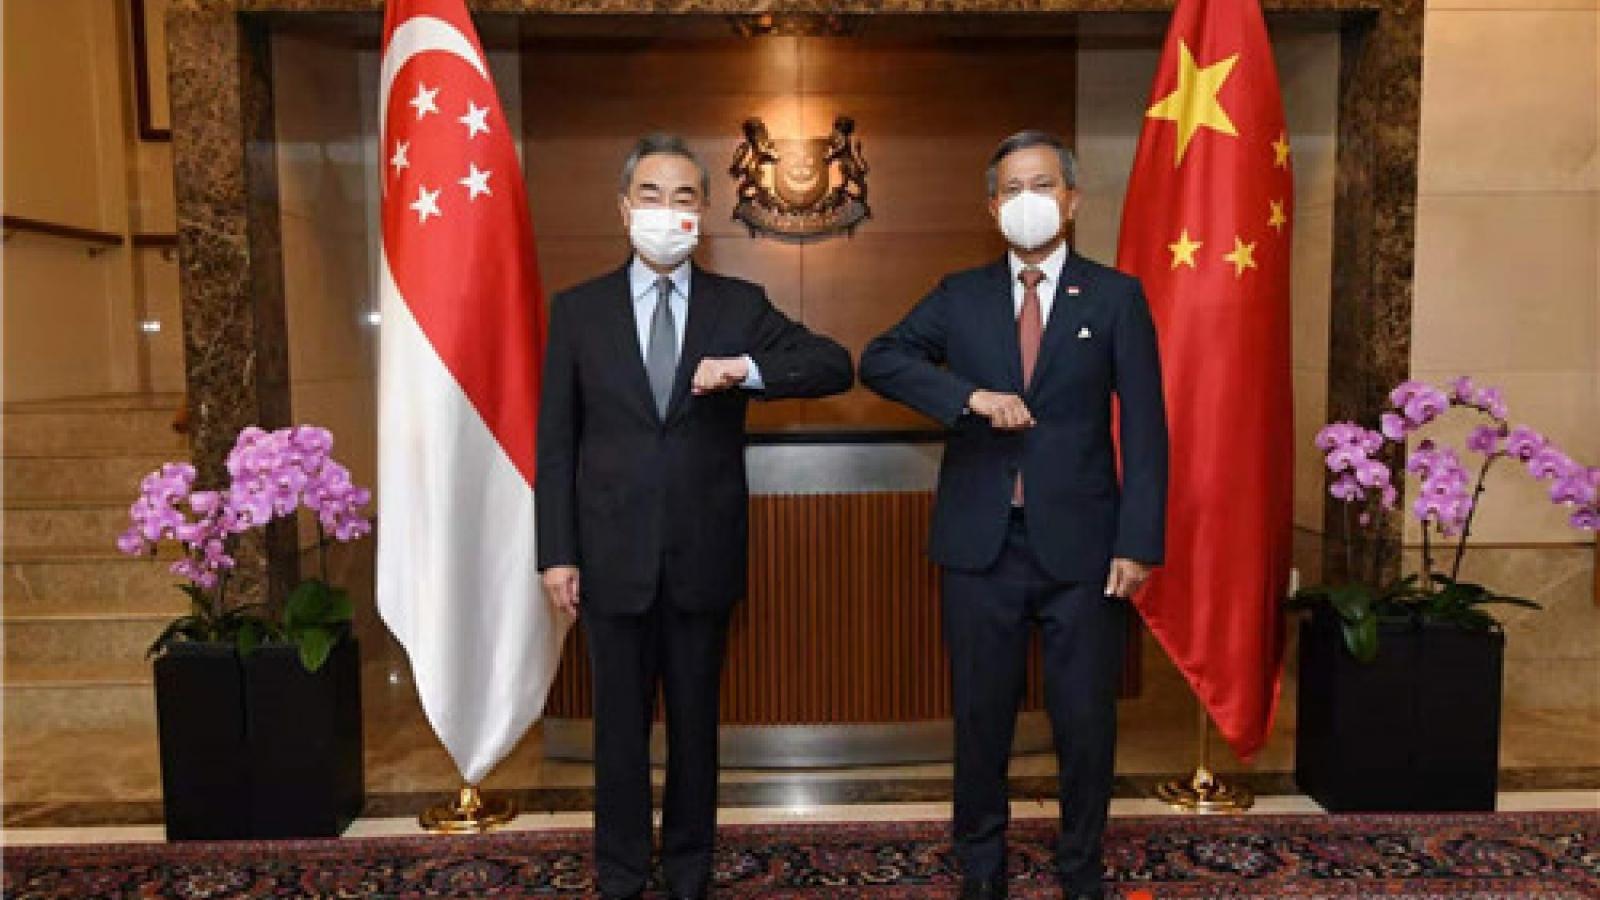 Ông Vương Nghị kêu gọi Mỹ có thái độ khách quan đối với sự phát triển của Trung Quốc